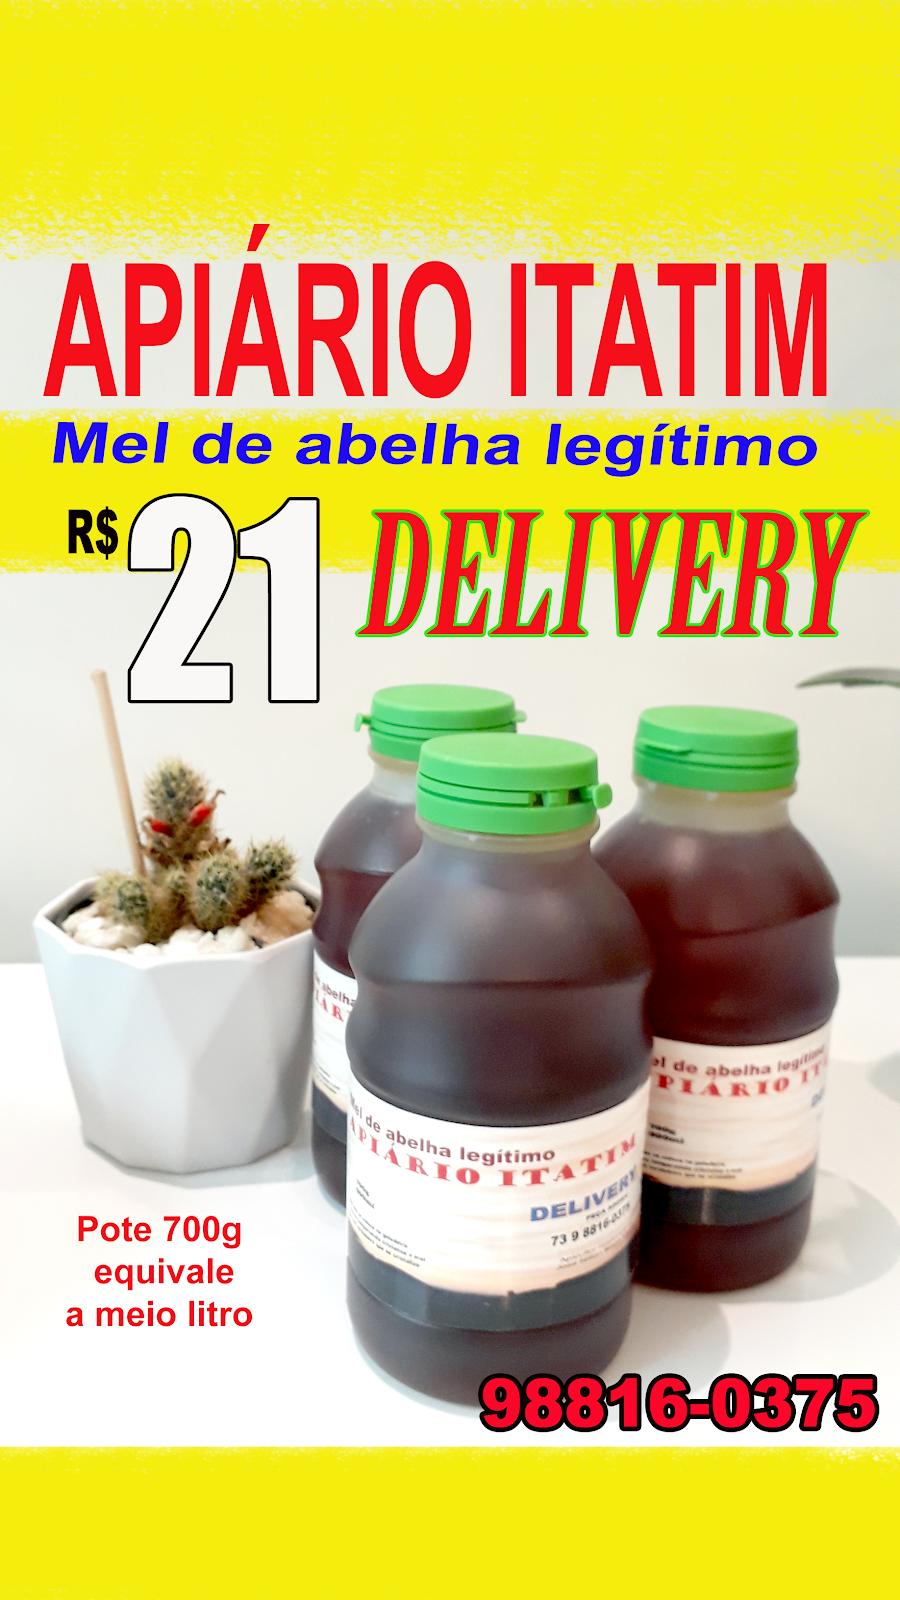 Publicidade 06